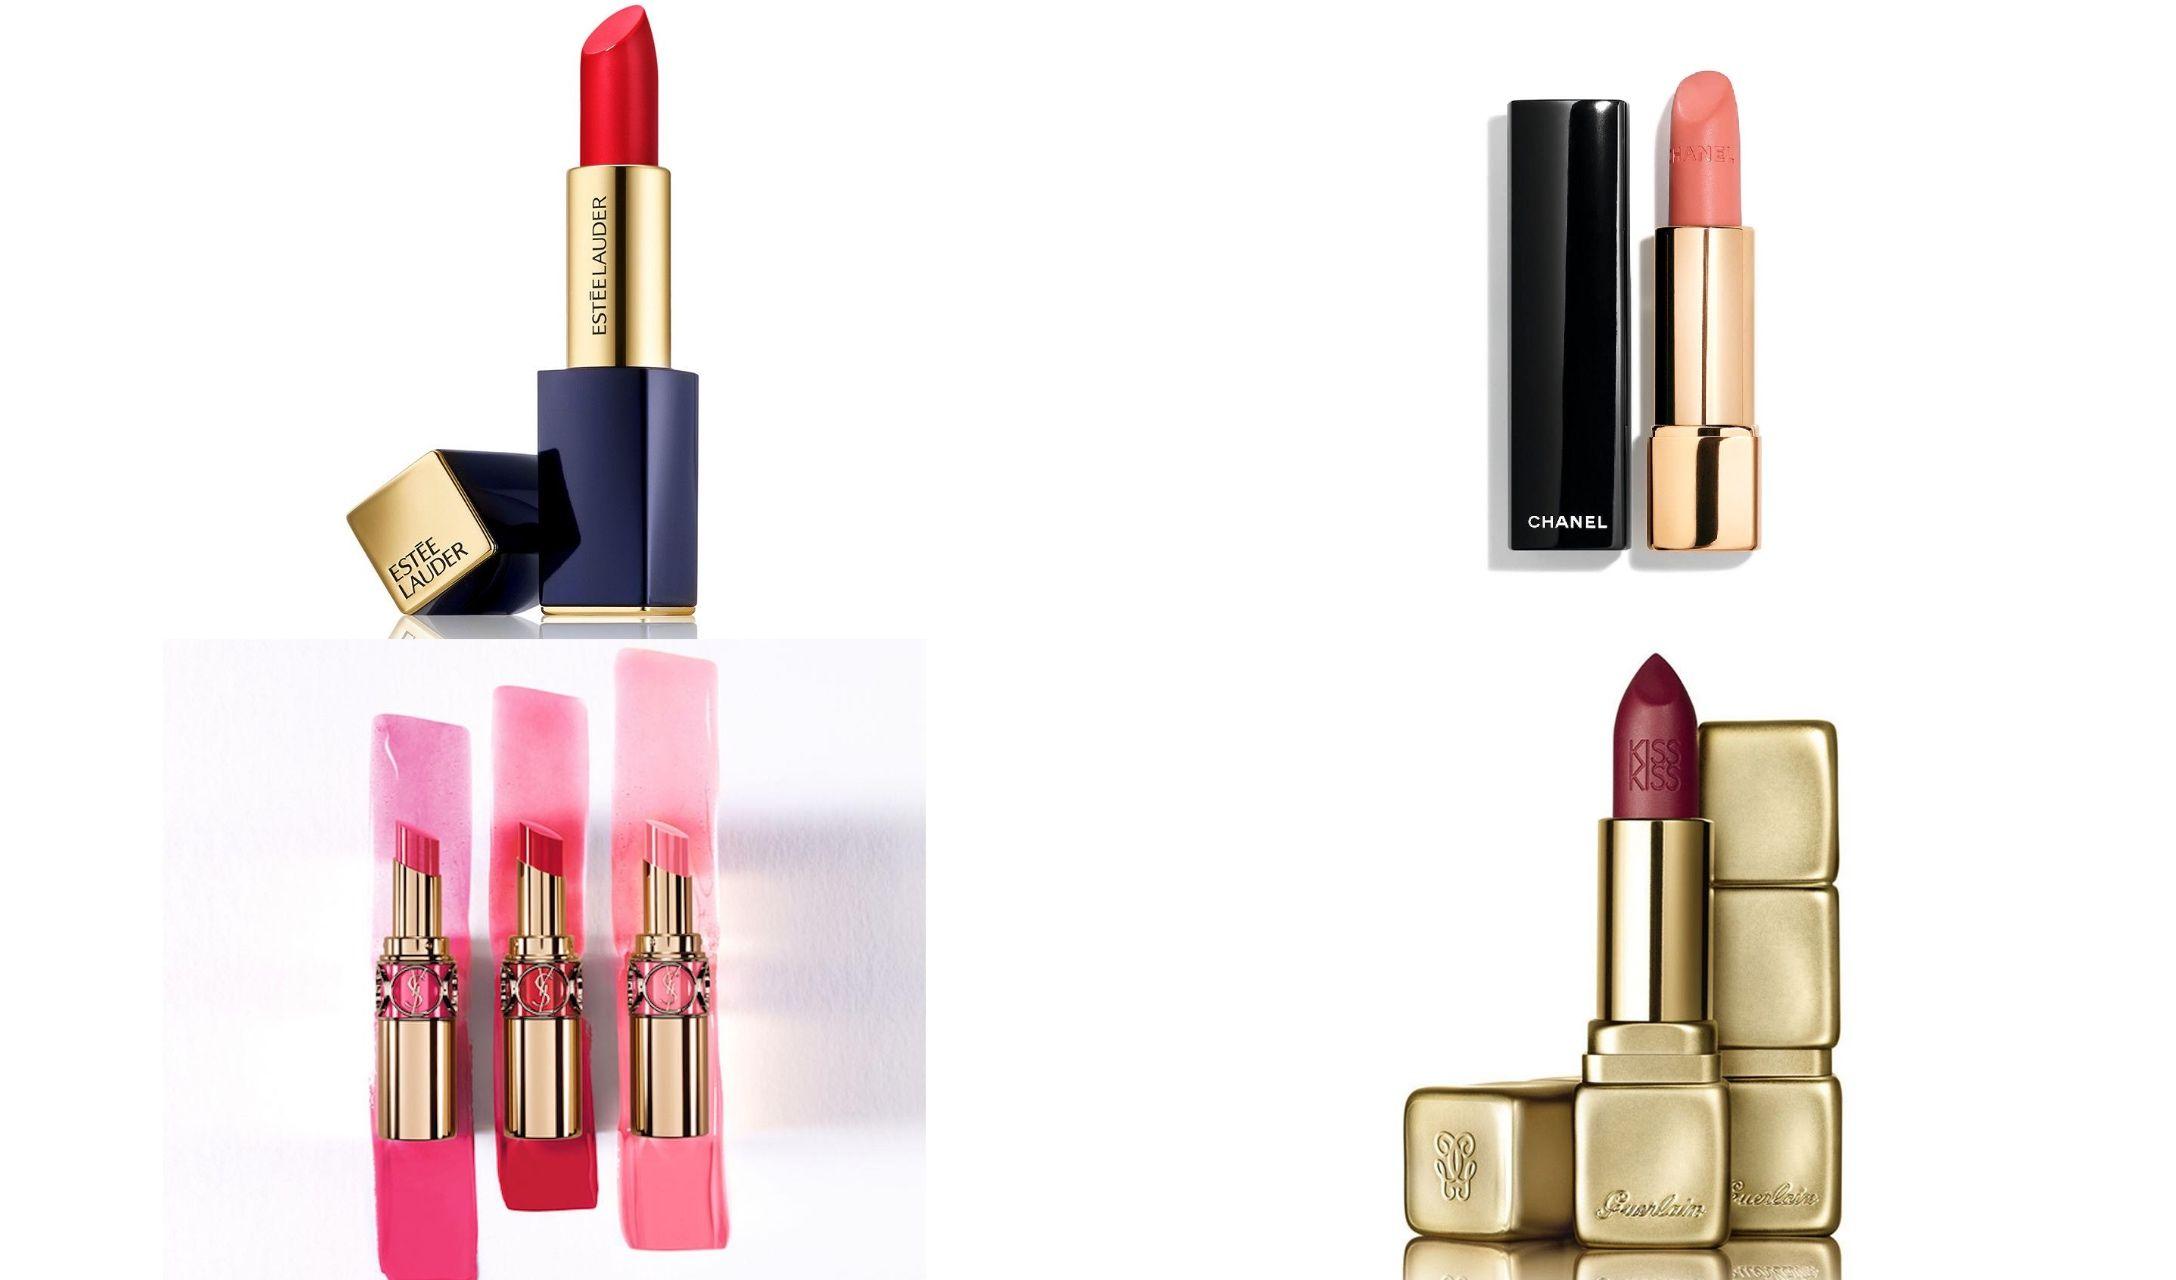 アラフォーが選ぶべきブランドや色をご紹介!